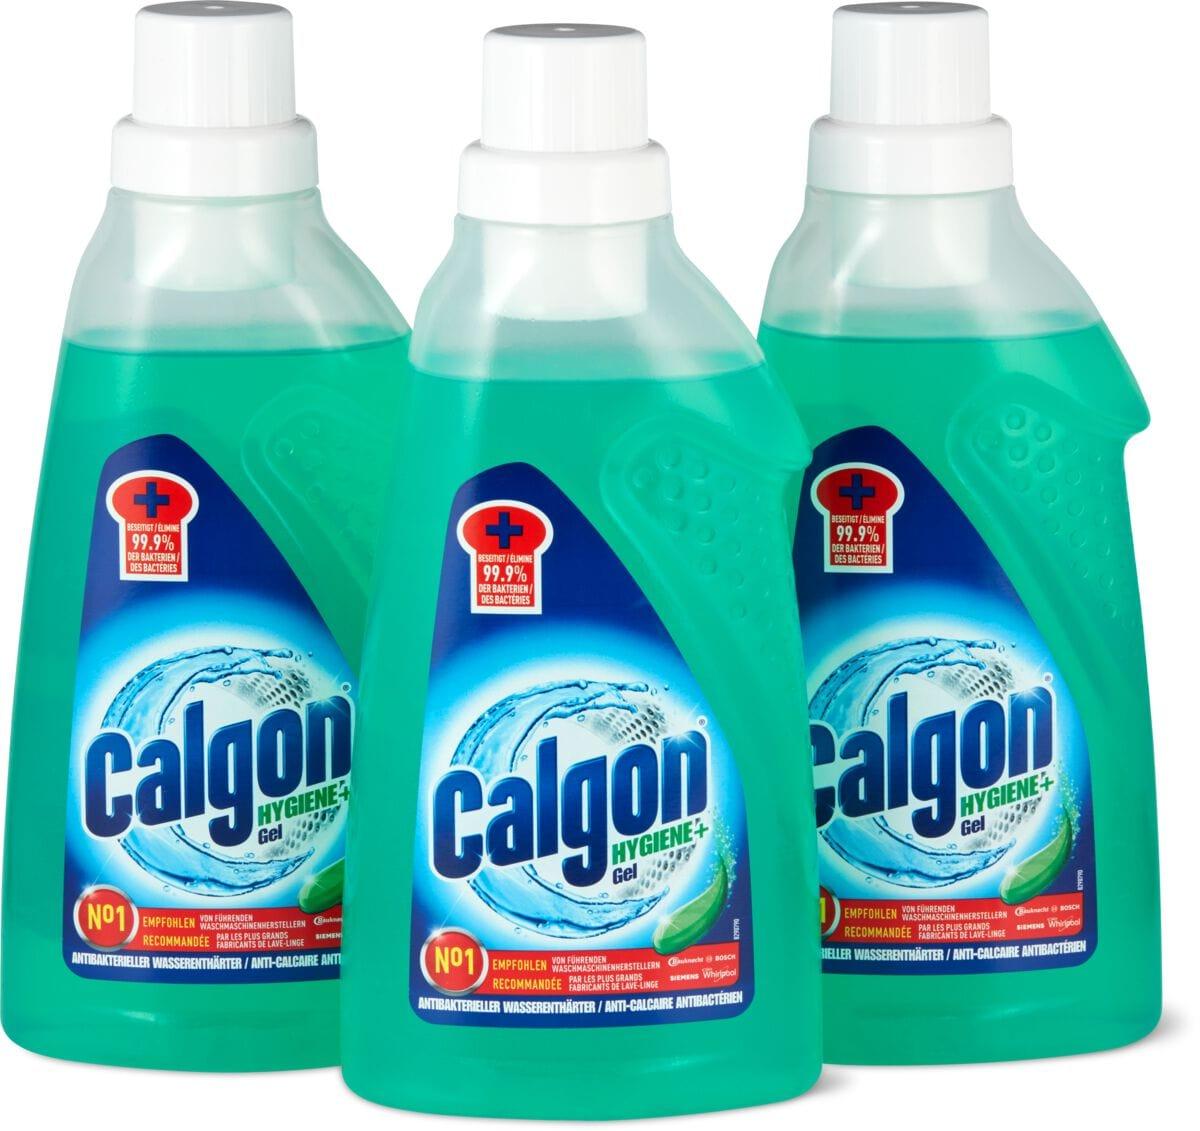 Calgon Wasserenthärter Hygiene Gel Trio